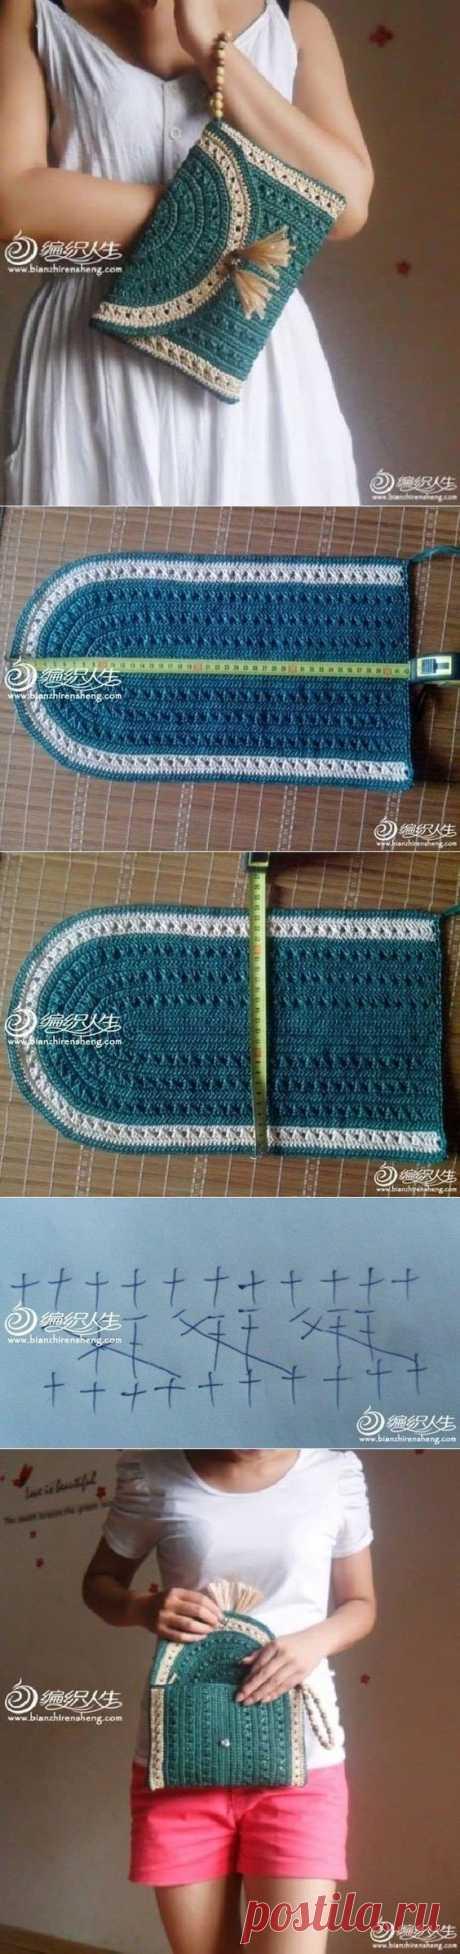 (189) Crochet Clutch / Purse / Bag …